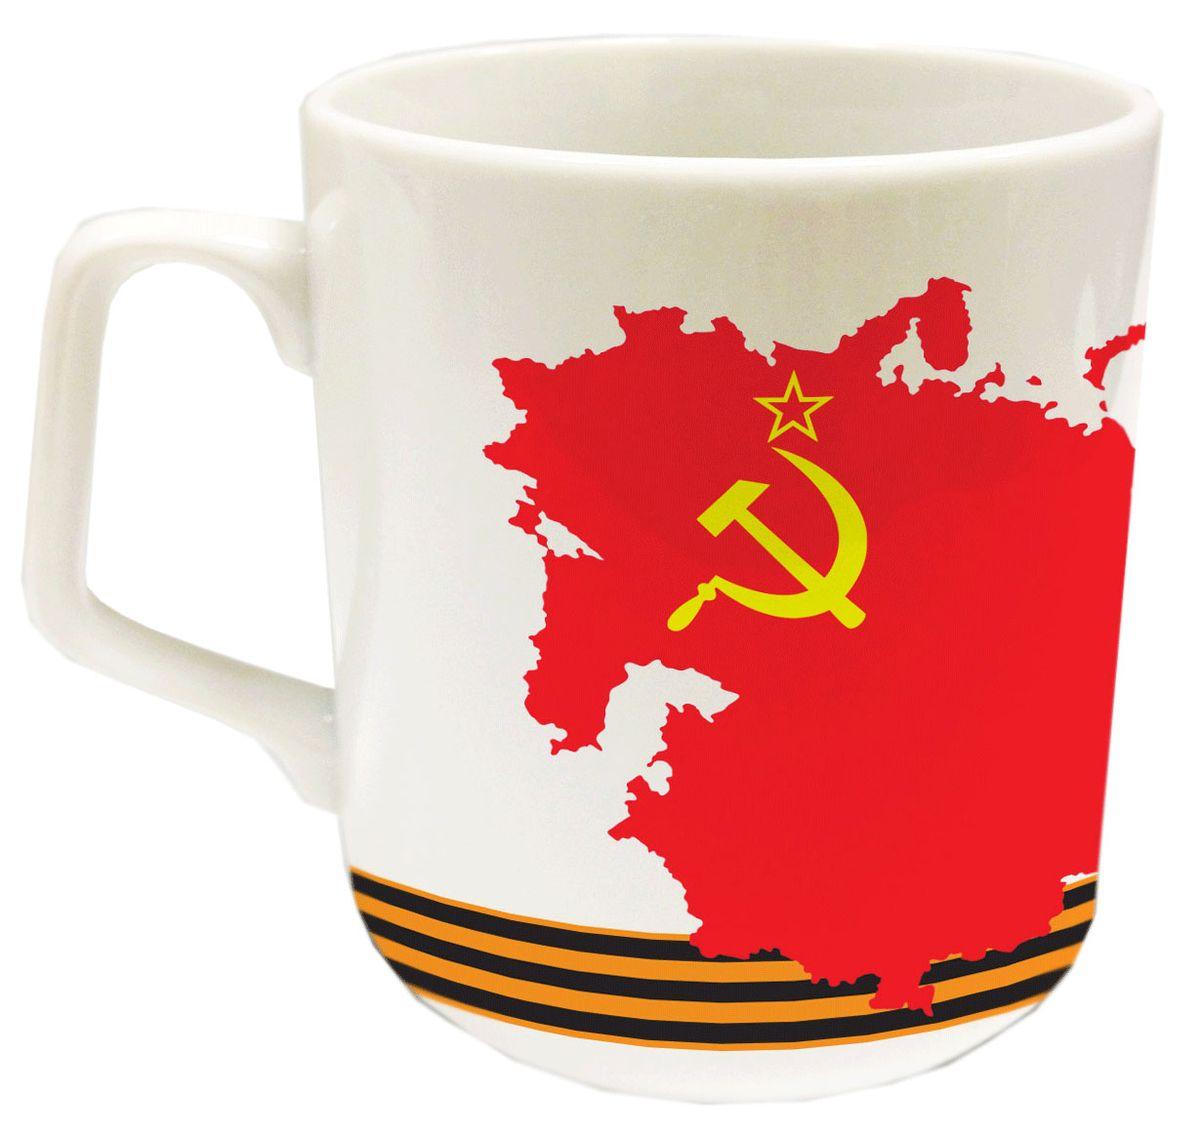 """Кружка """"PrioritY"""" с изображением символики СССР выполнена из фарфора.  Можно использовать в микроволновой печи и посудомоечной машине. Упакована в подарочную упаковку. Объем: 350 мл."""